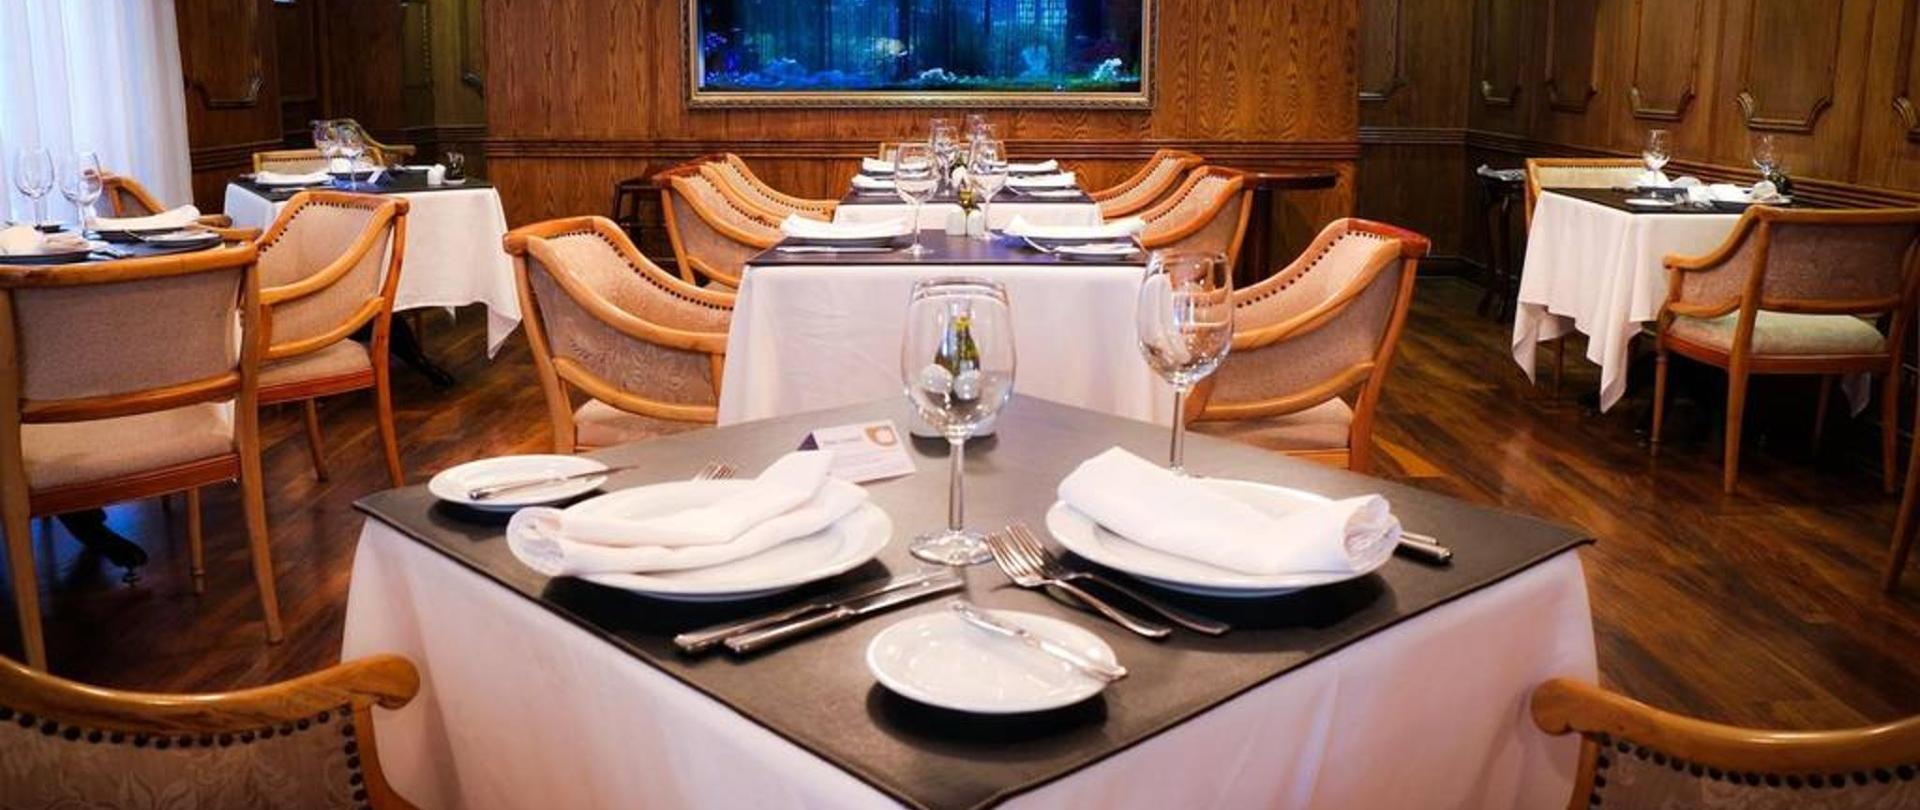 restaurant.jpg.1024x0.jpg